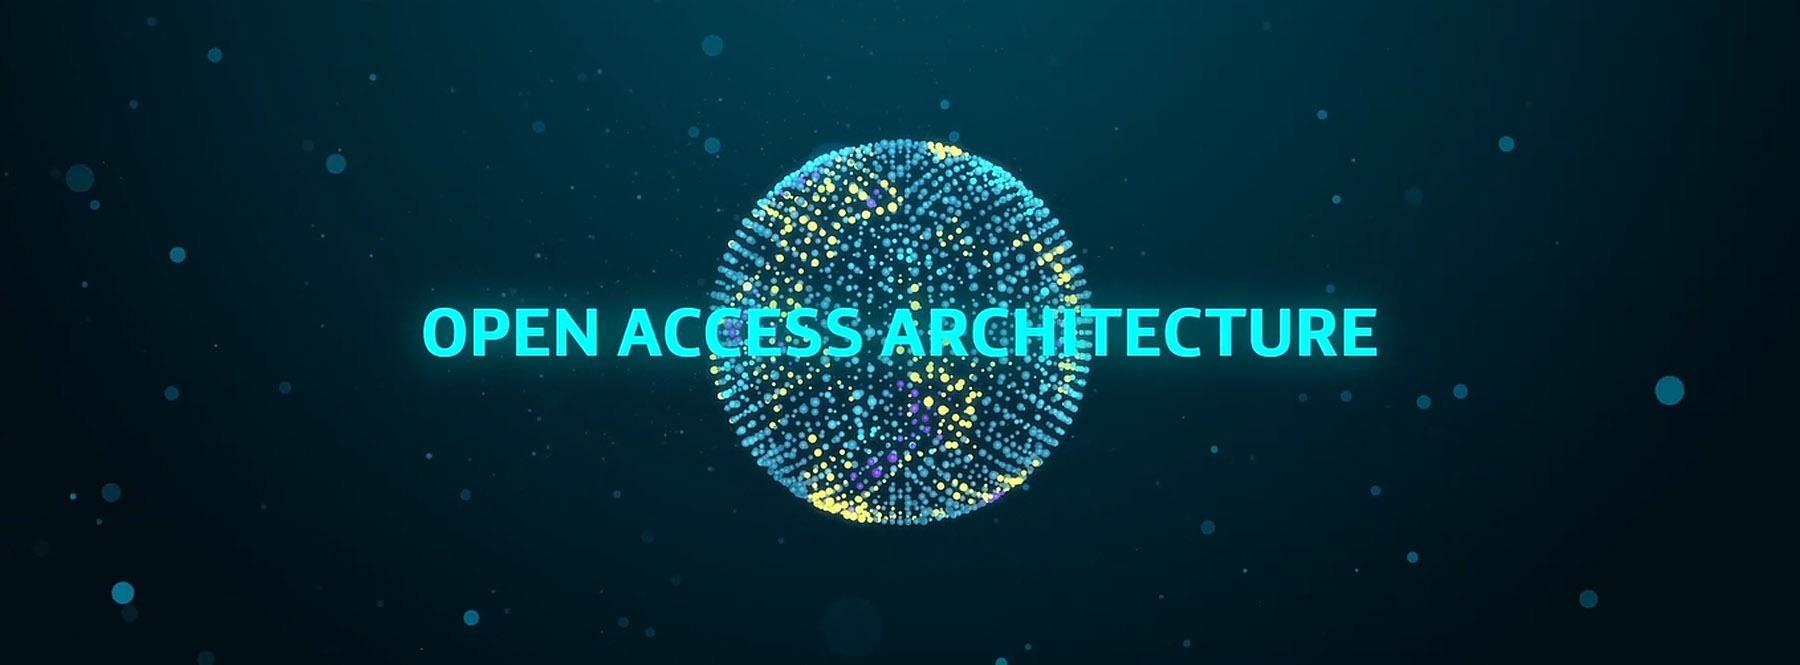 Open Access, innovación en la apertura del acceso de red y la convergencia fijo-móvil